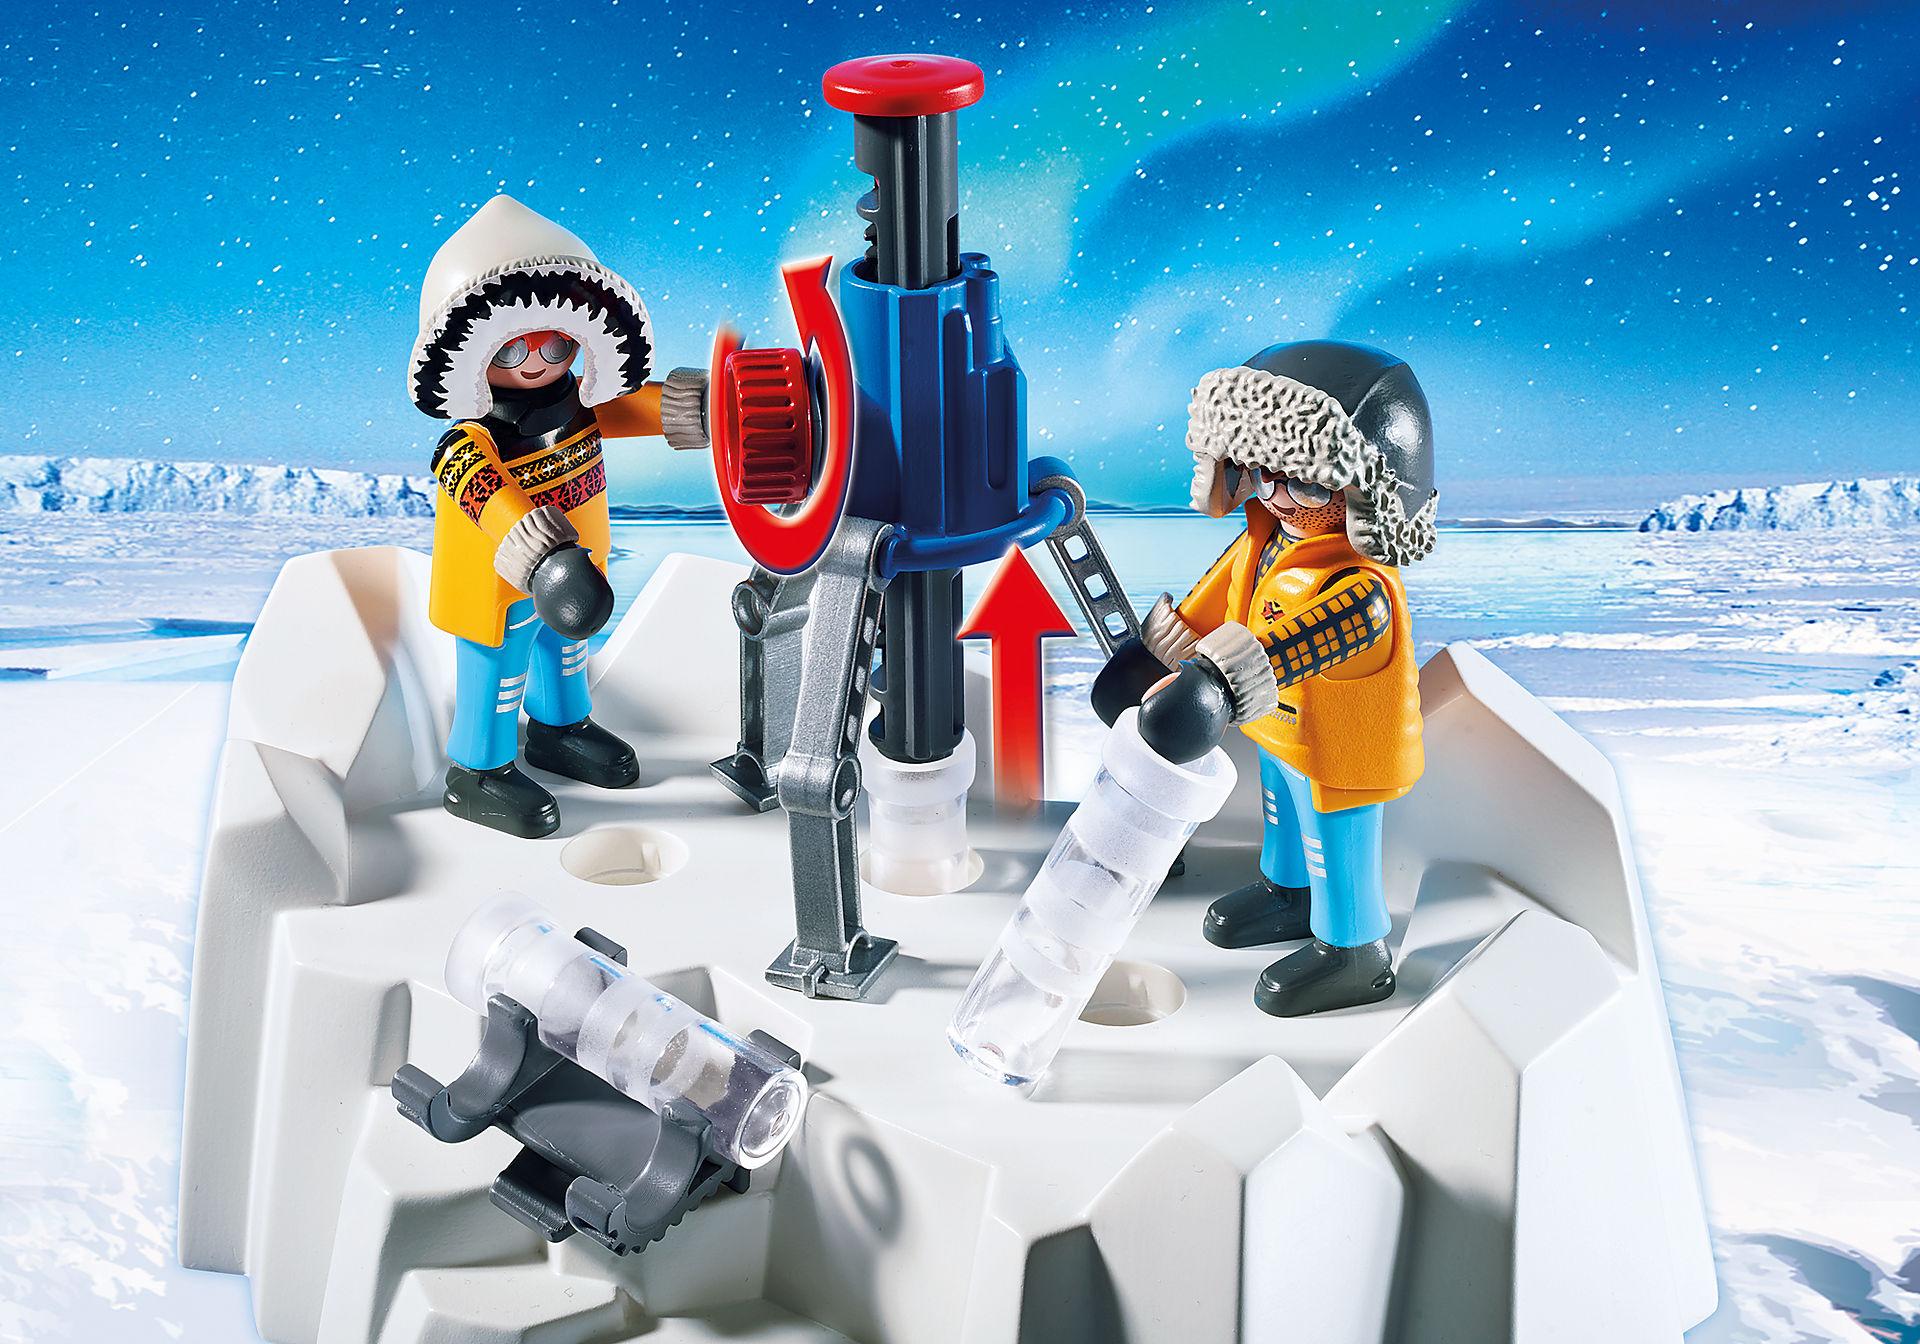 http://media.playmobil.com/i/playmobil/9056_product_extra1/Arctic Explorers with Polar Bears